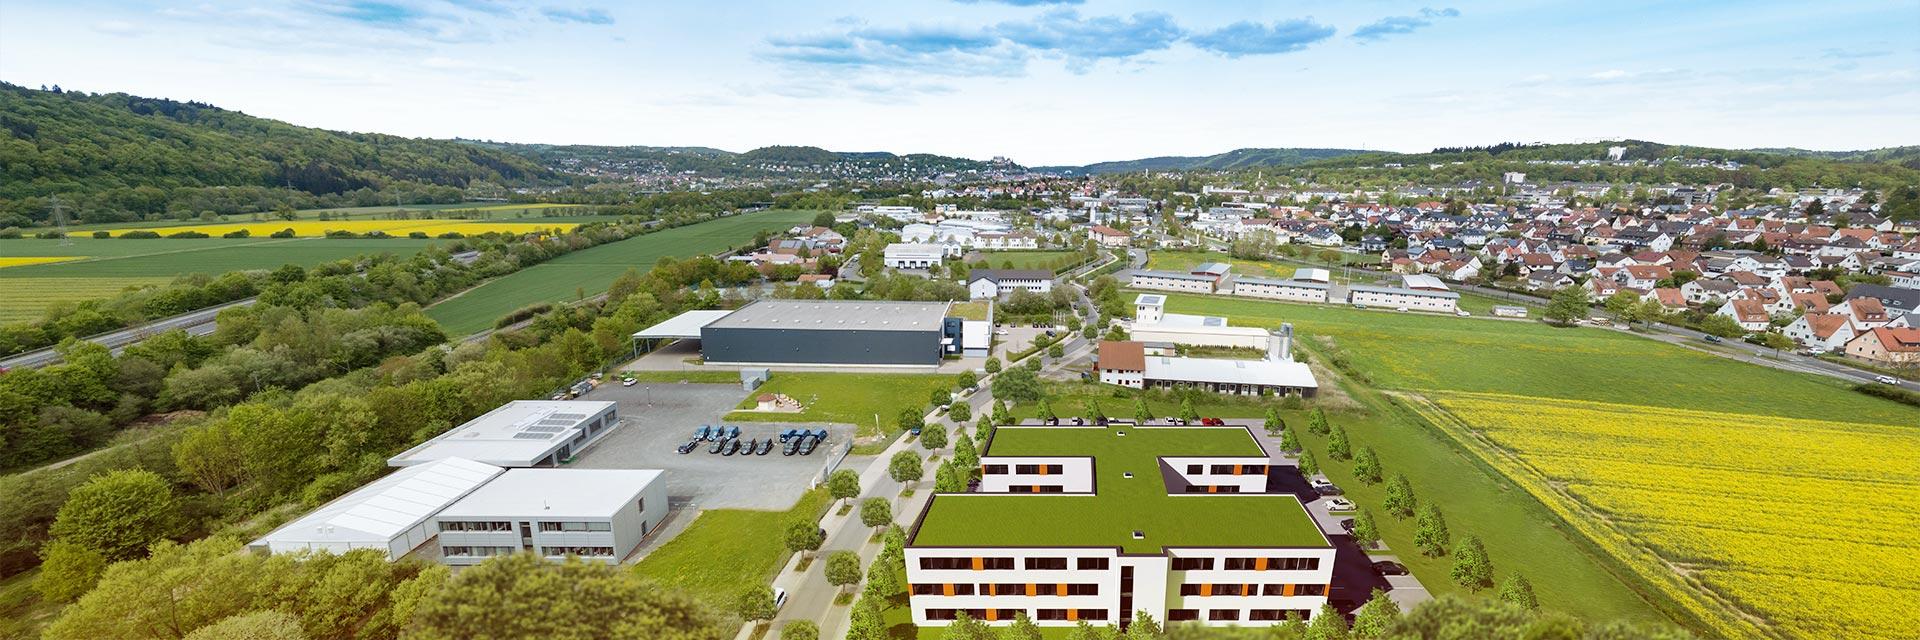 Panoramaansicht des Business Hub Bürogebäudes in Marburg Cappel